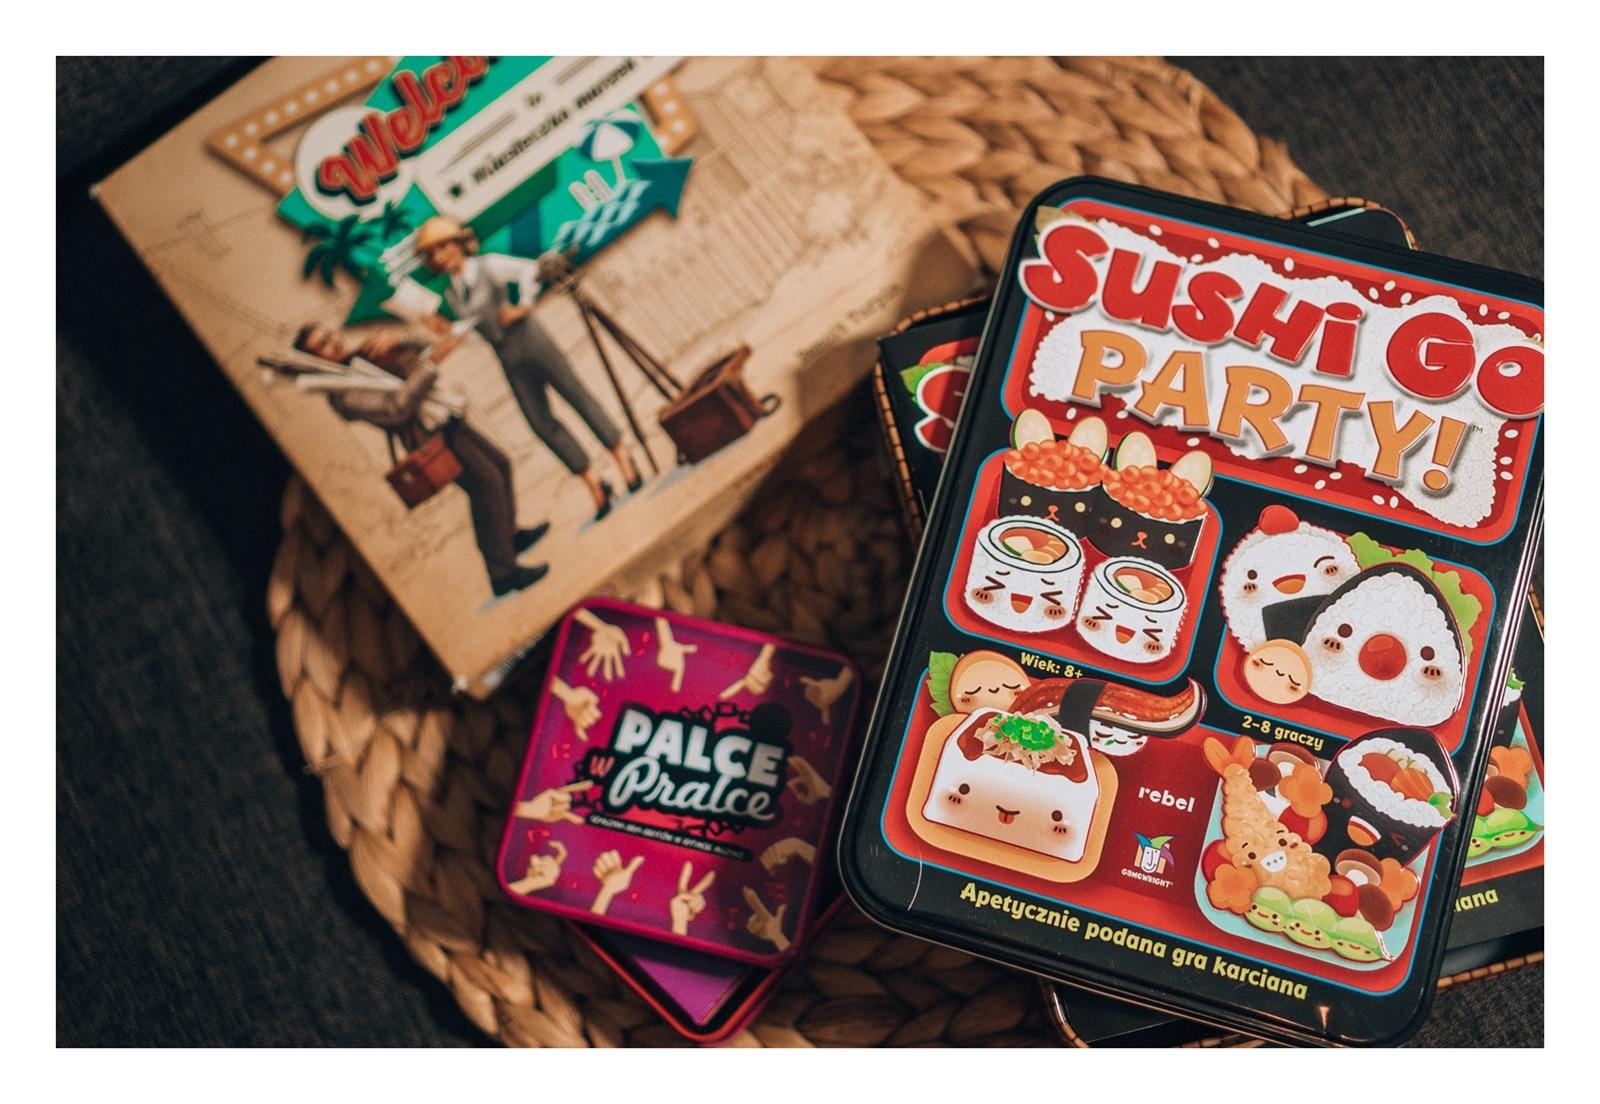 recenzja planszówek welcome to miasteczko marzeń jak grać instrukcja gry palce w pralce ocena gry imprezowe dla dużej ilości osób sushi go party jak grać fajne gry na imprezy dla rodziny i przyjaciół